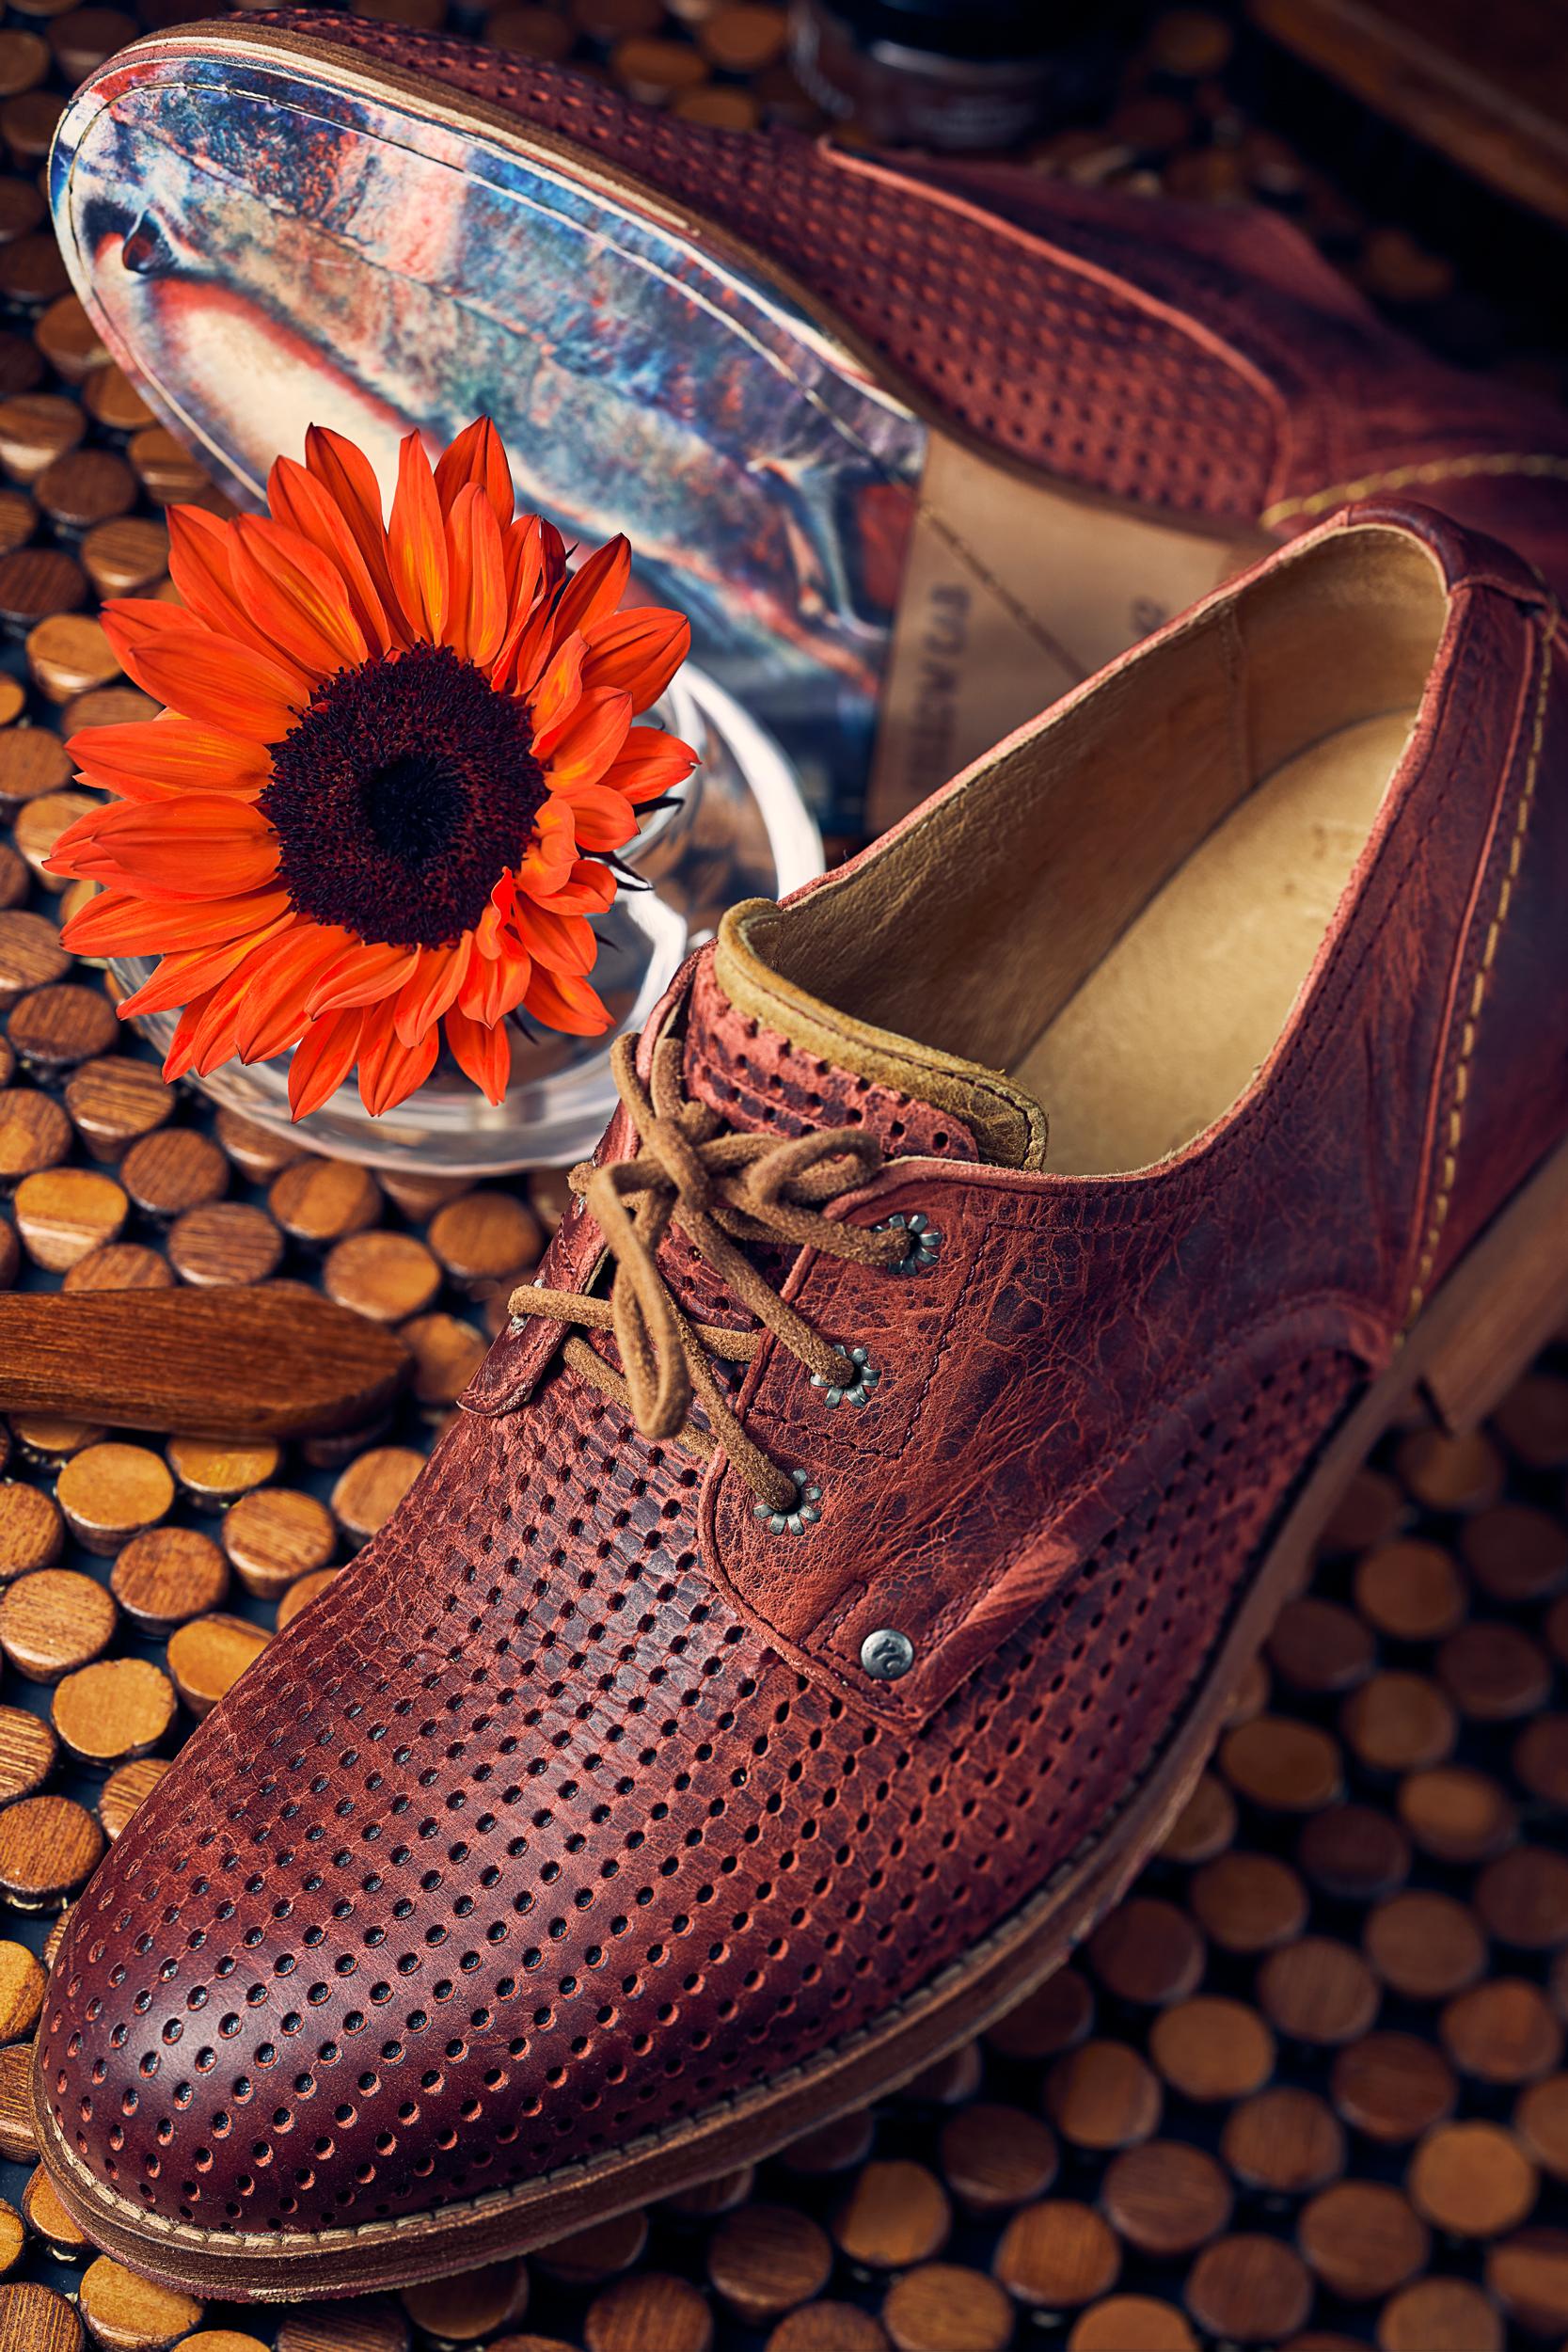 YC Boots company